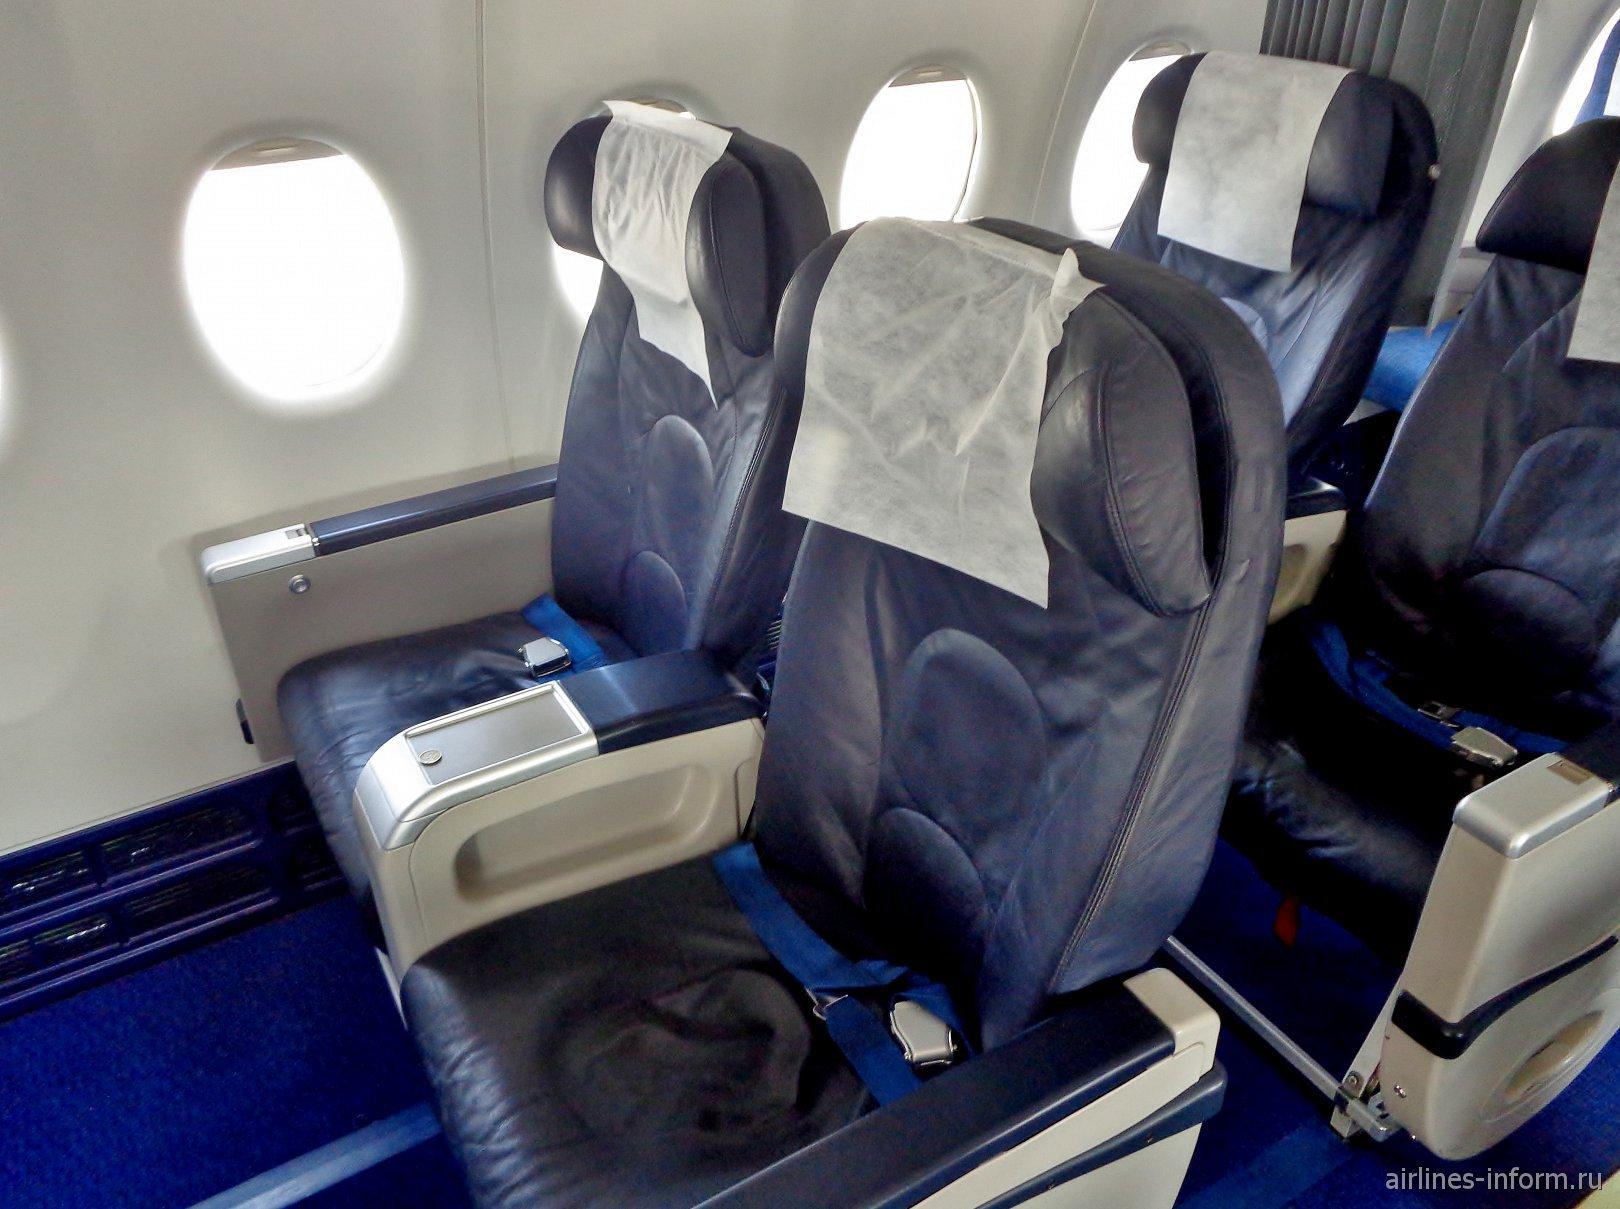 Бизнес-класс в самолете Суперджет-100 авиакомпании